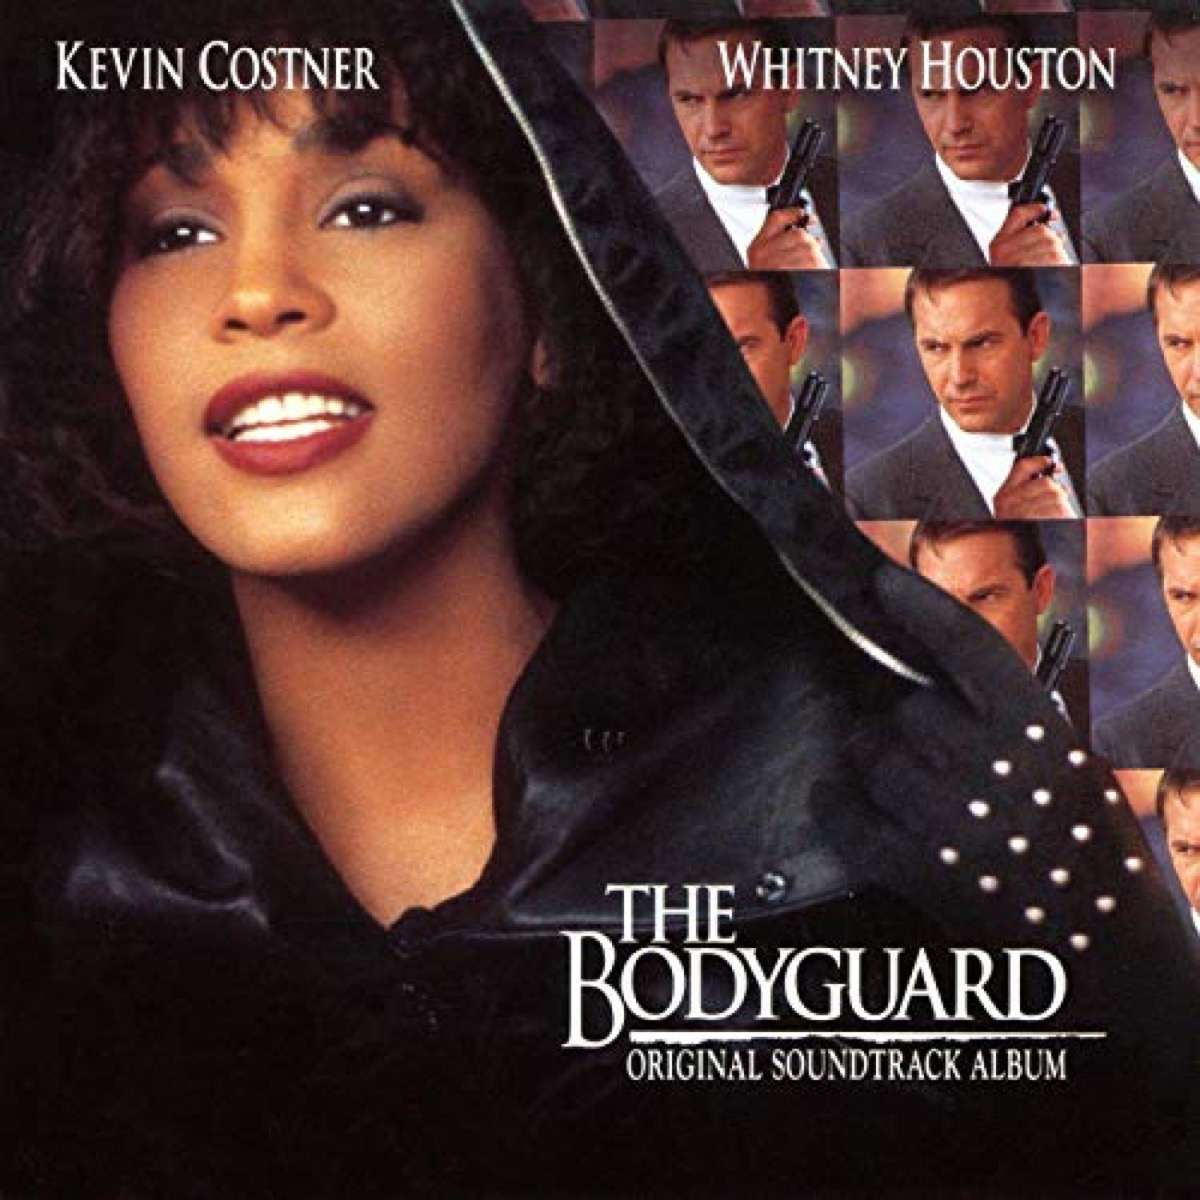 the bodyguard movie soundtrack